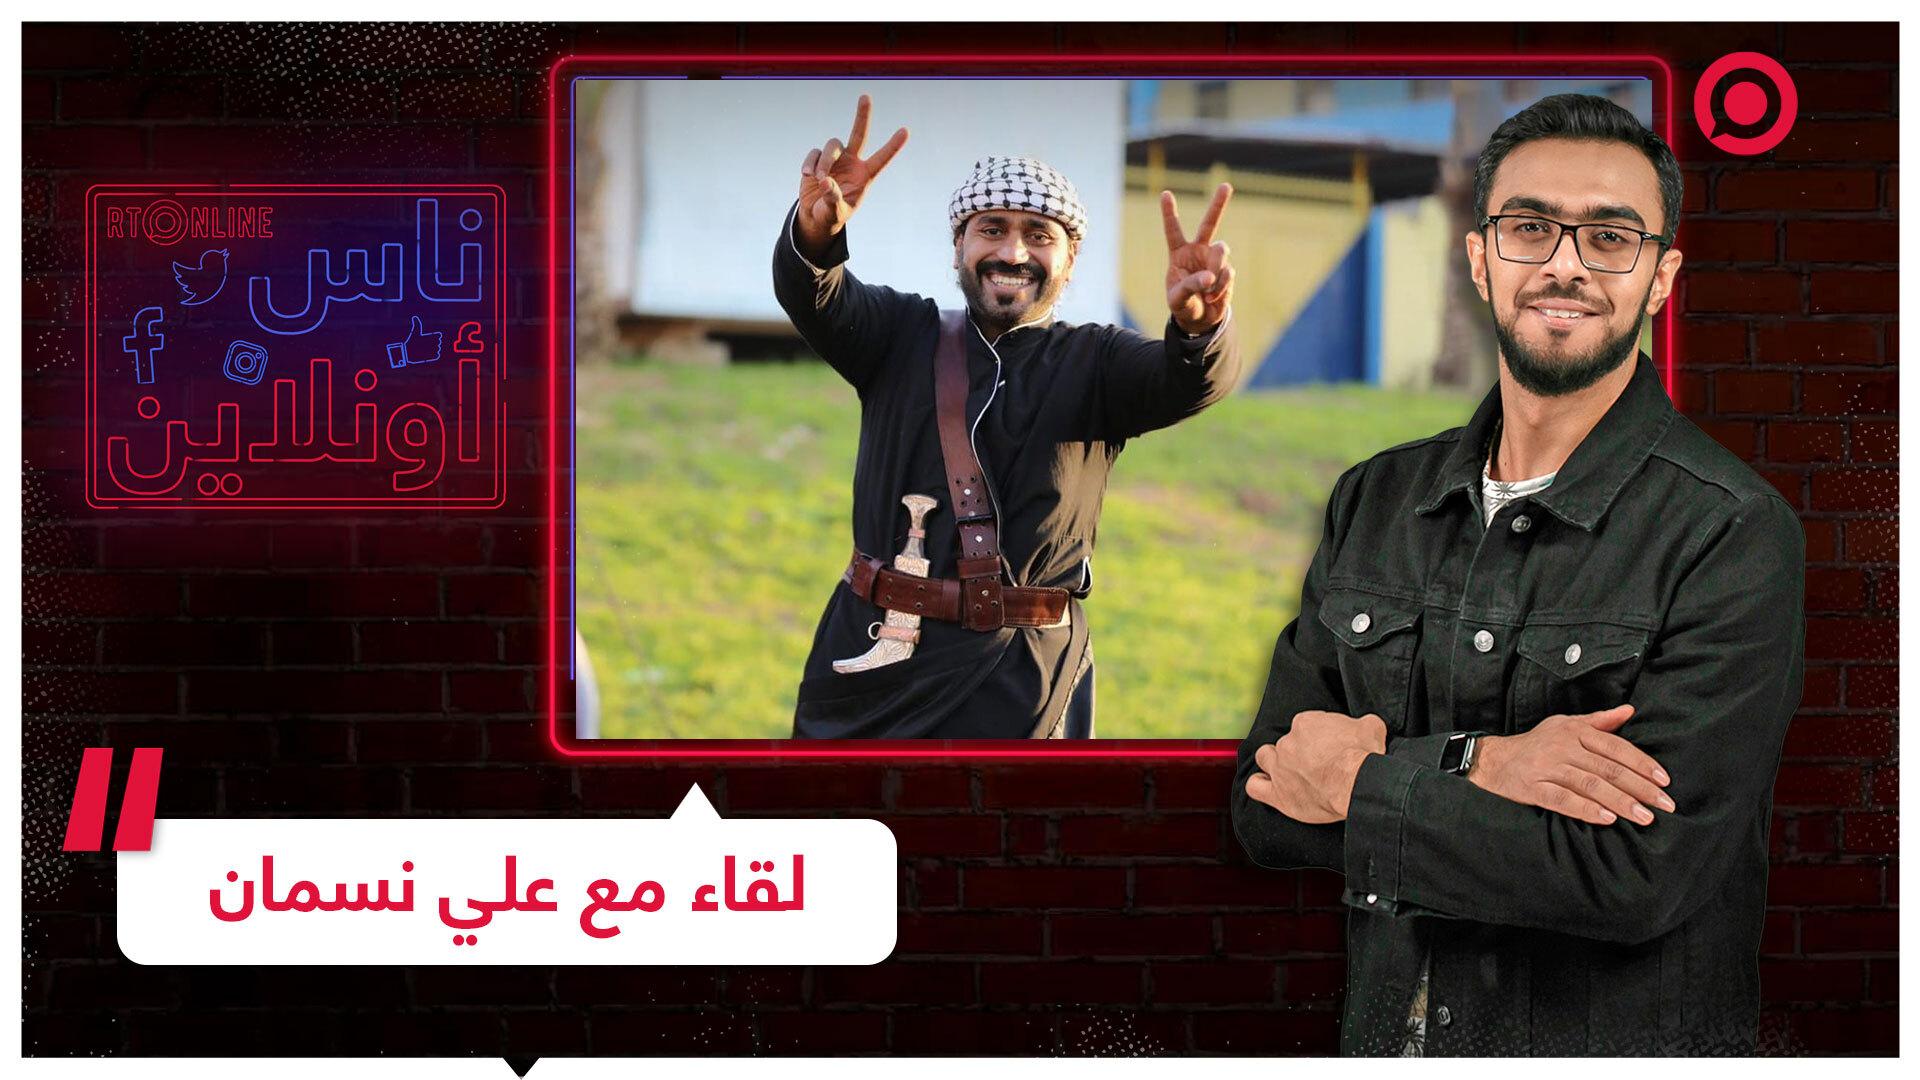 الكوميديا الساخرة وهموم الشعب الفلسطيني!